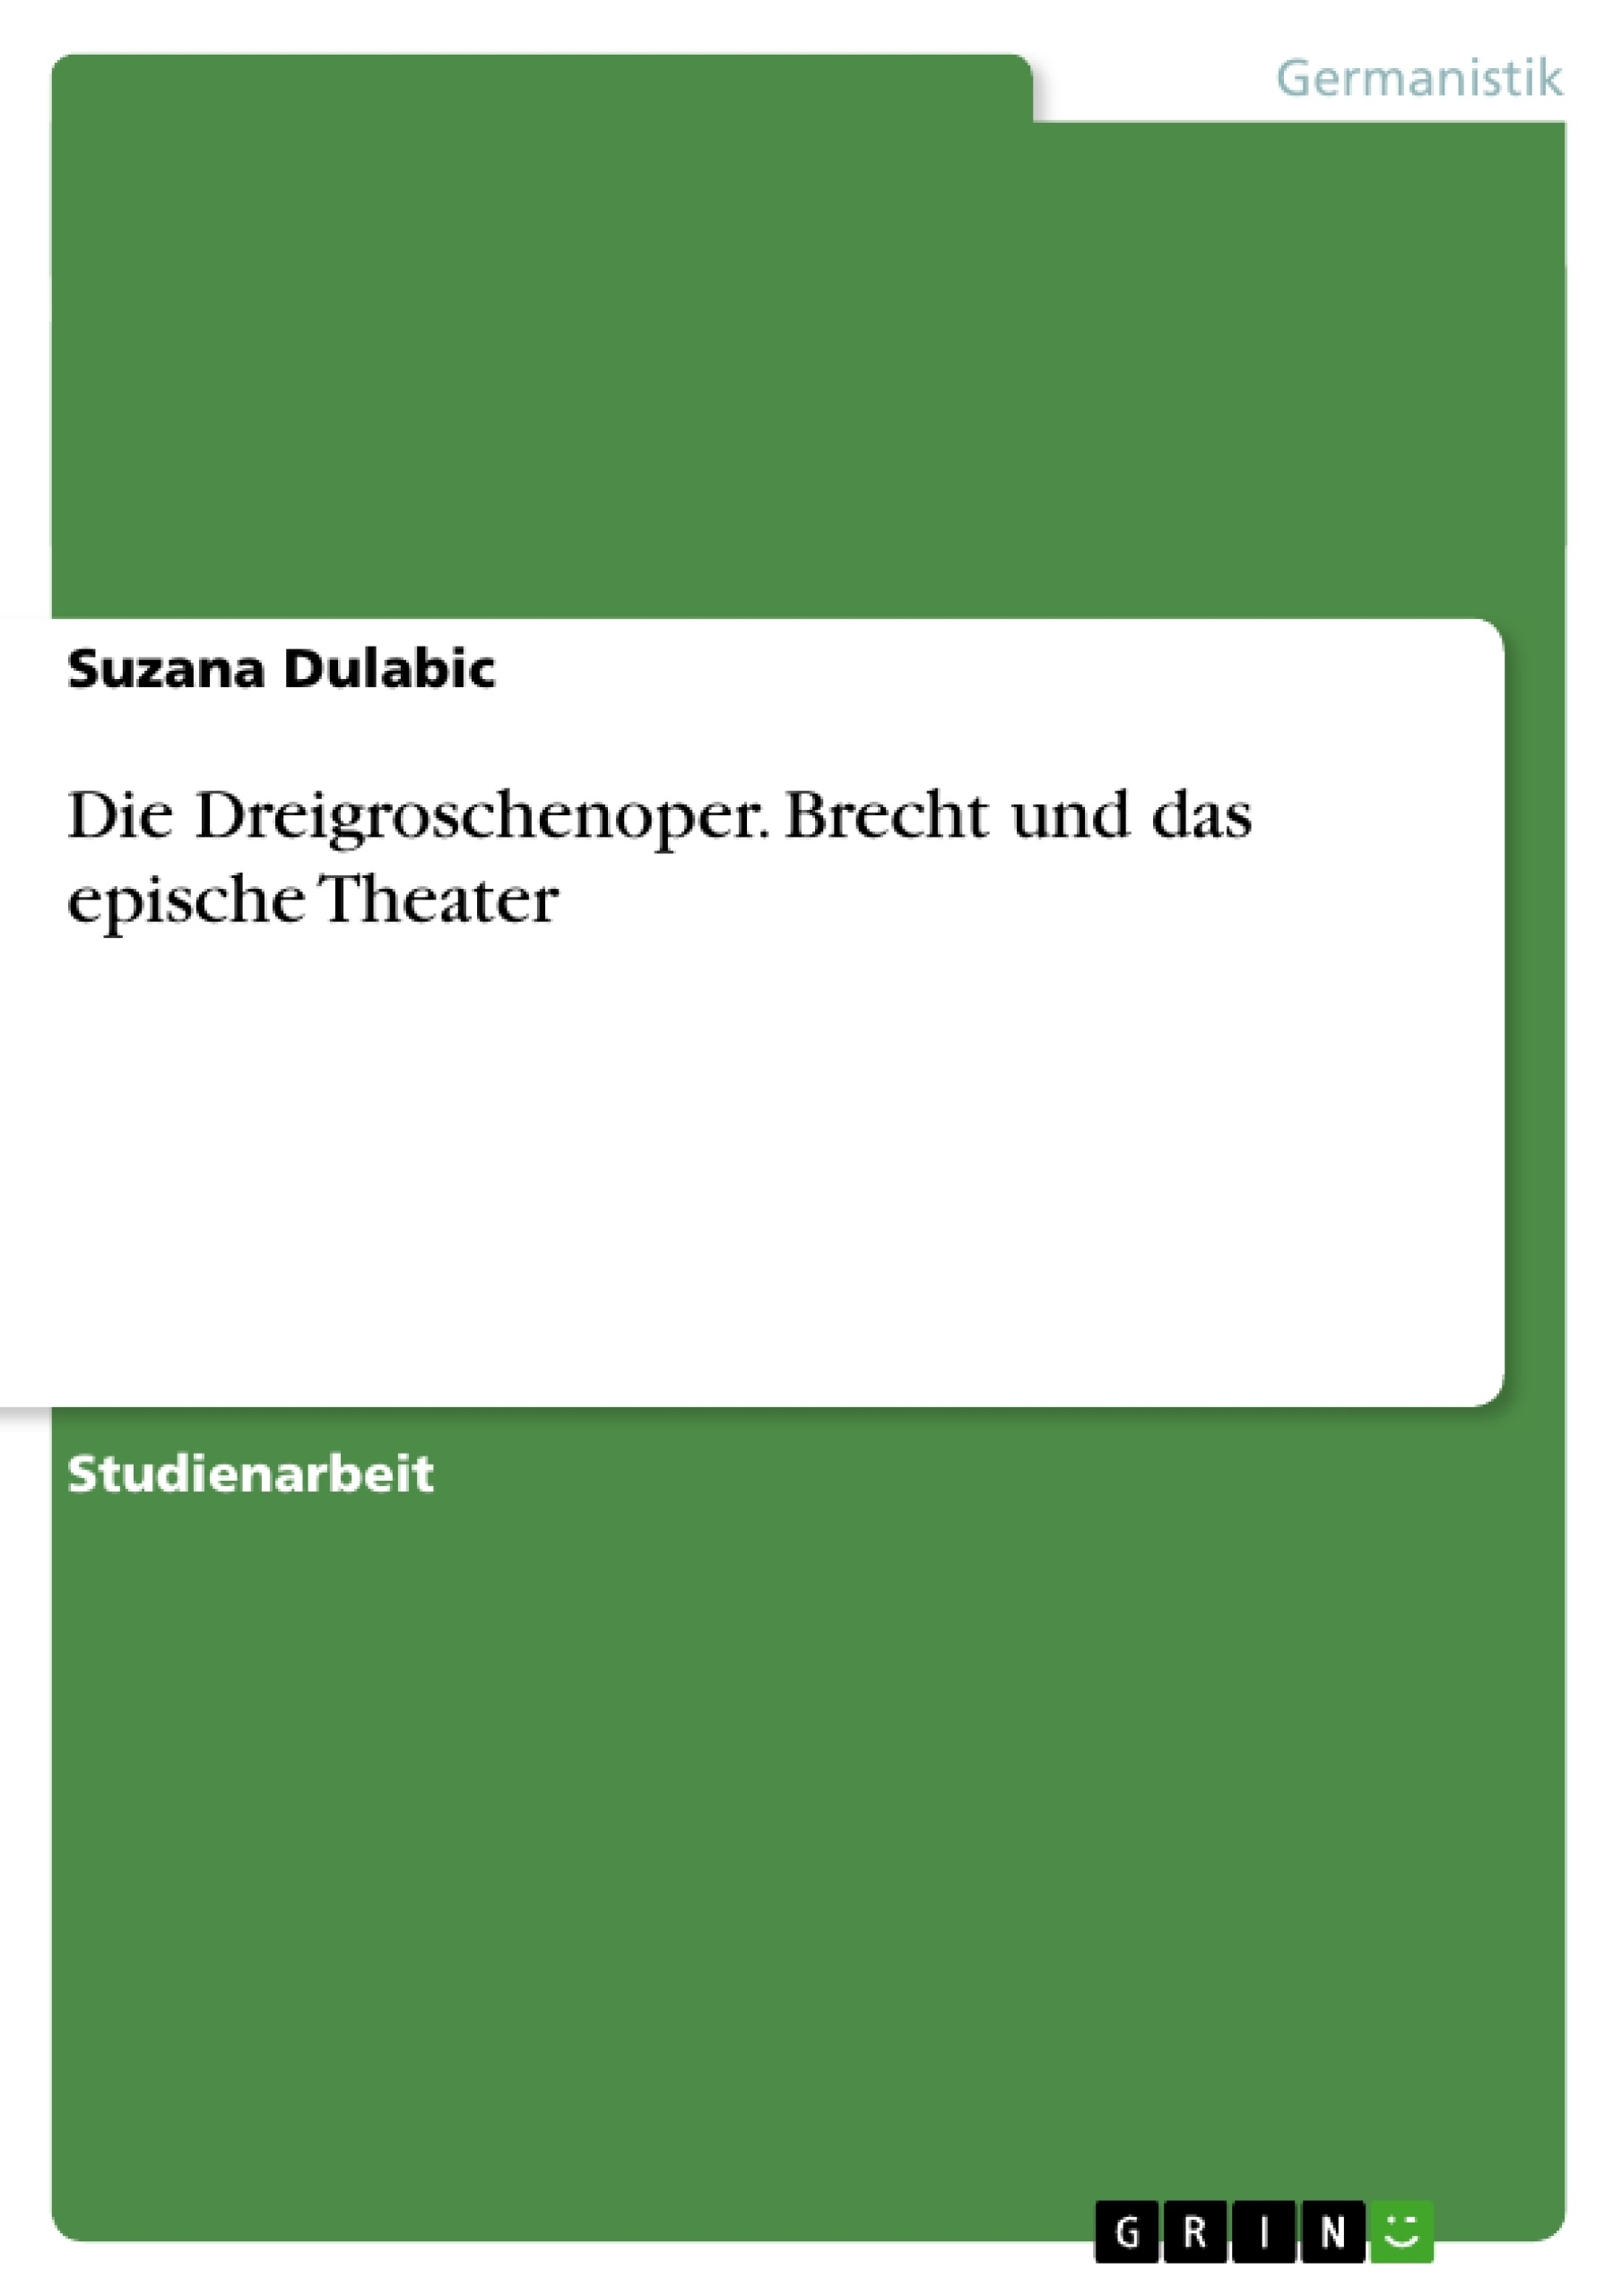 Titel: Die Dreigroschenoper. Brecht und das epische Theater